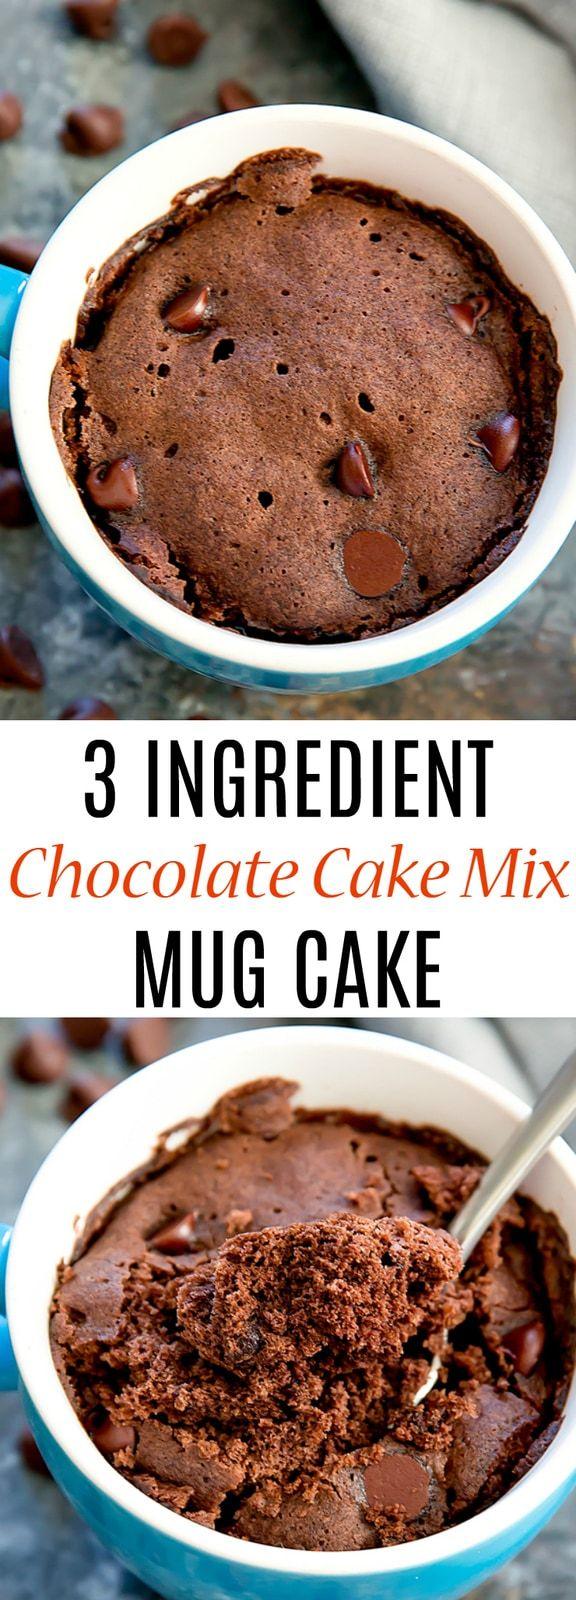 3 Ingredient Chocolate Cake Mix Mug Cake | Recipe ...